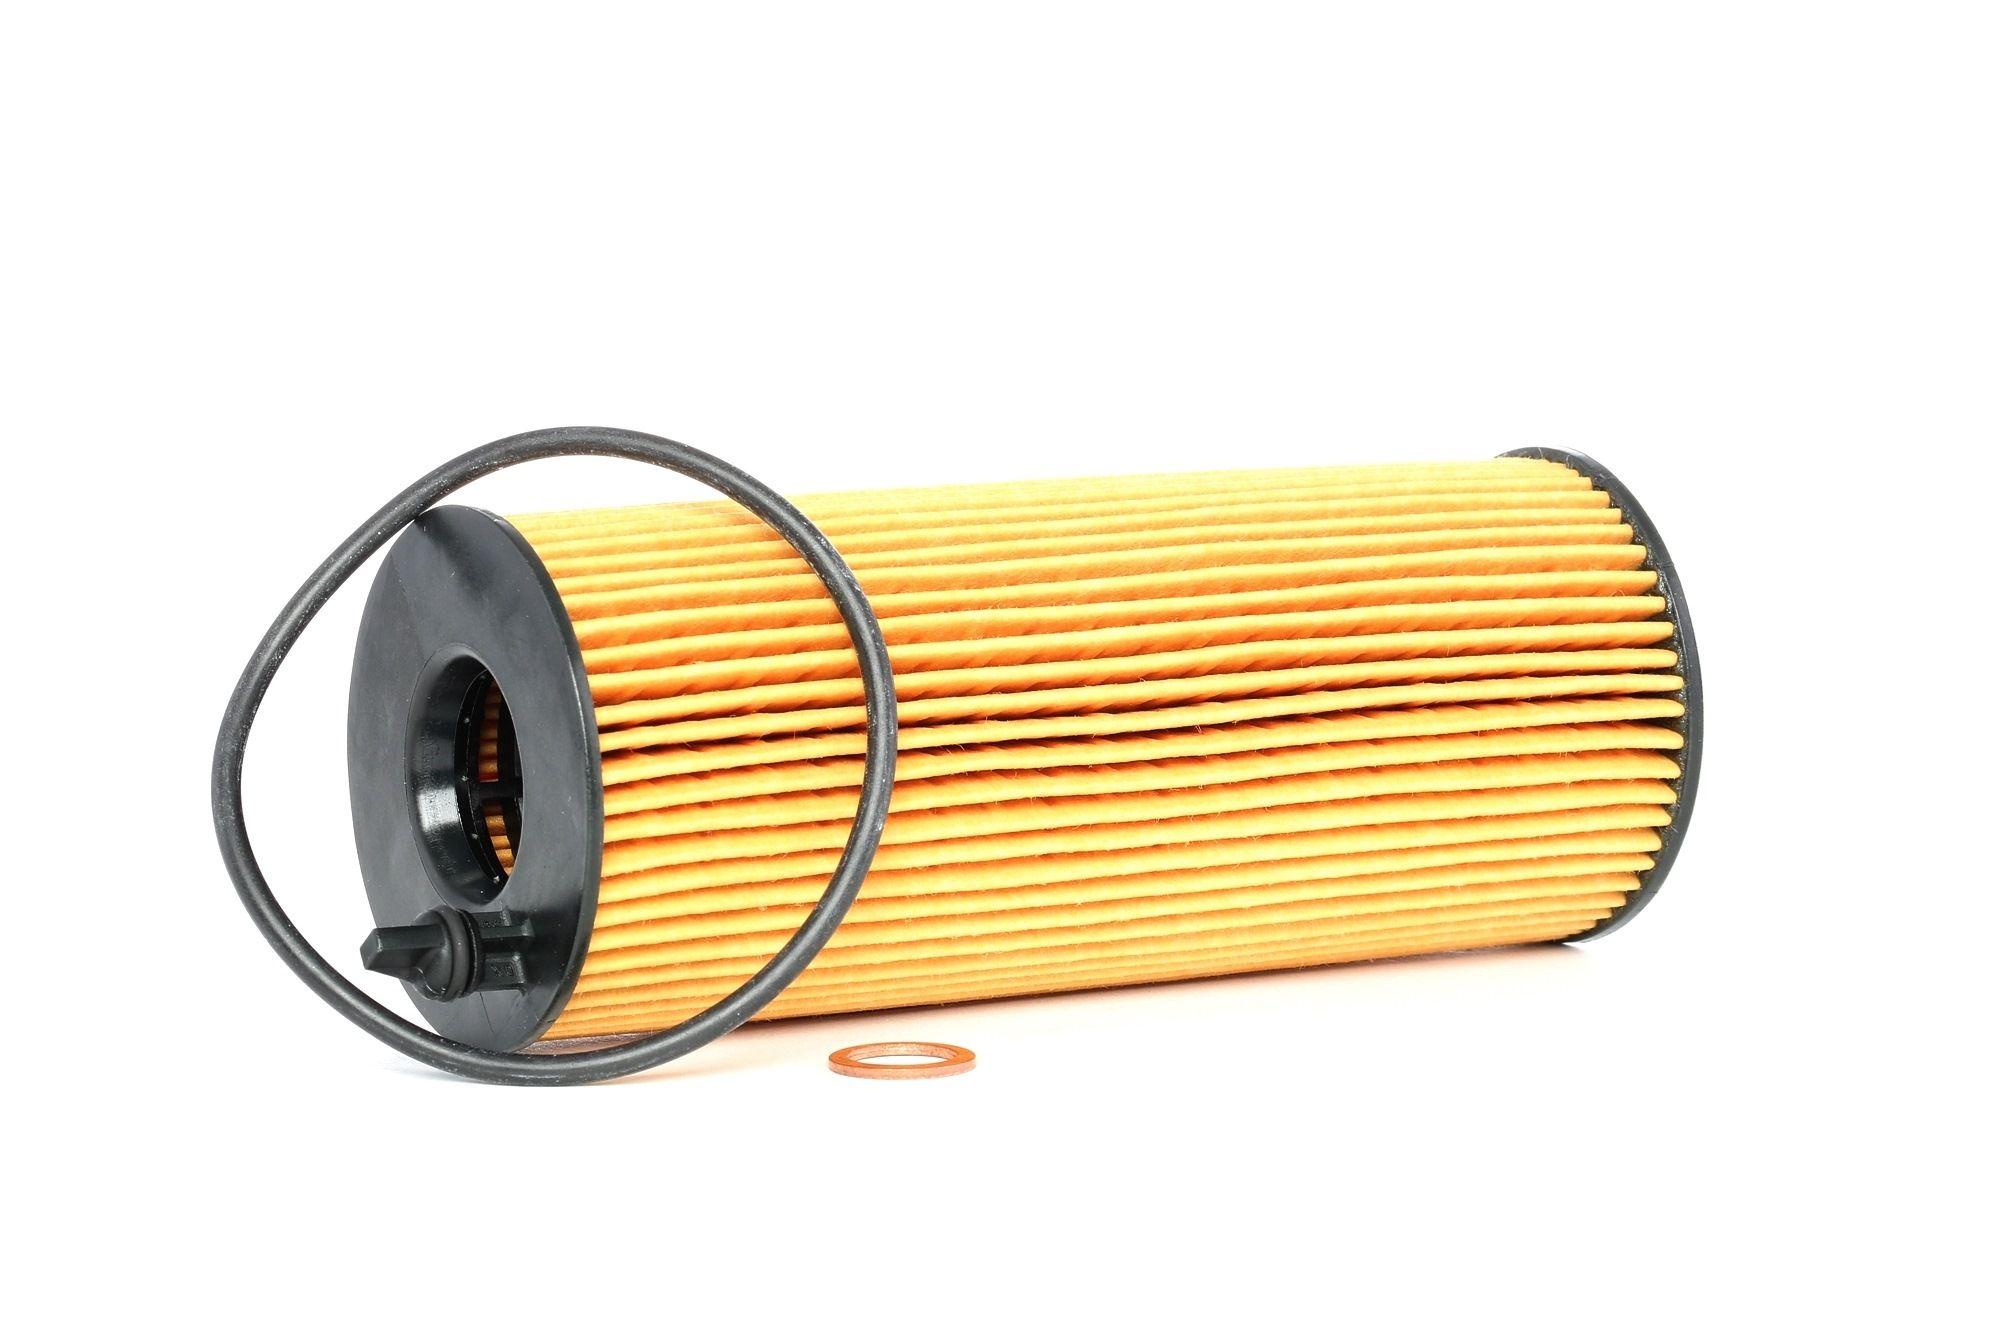 Filtre à huile Cartouche filtrante E90 N47-M47 (707)